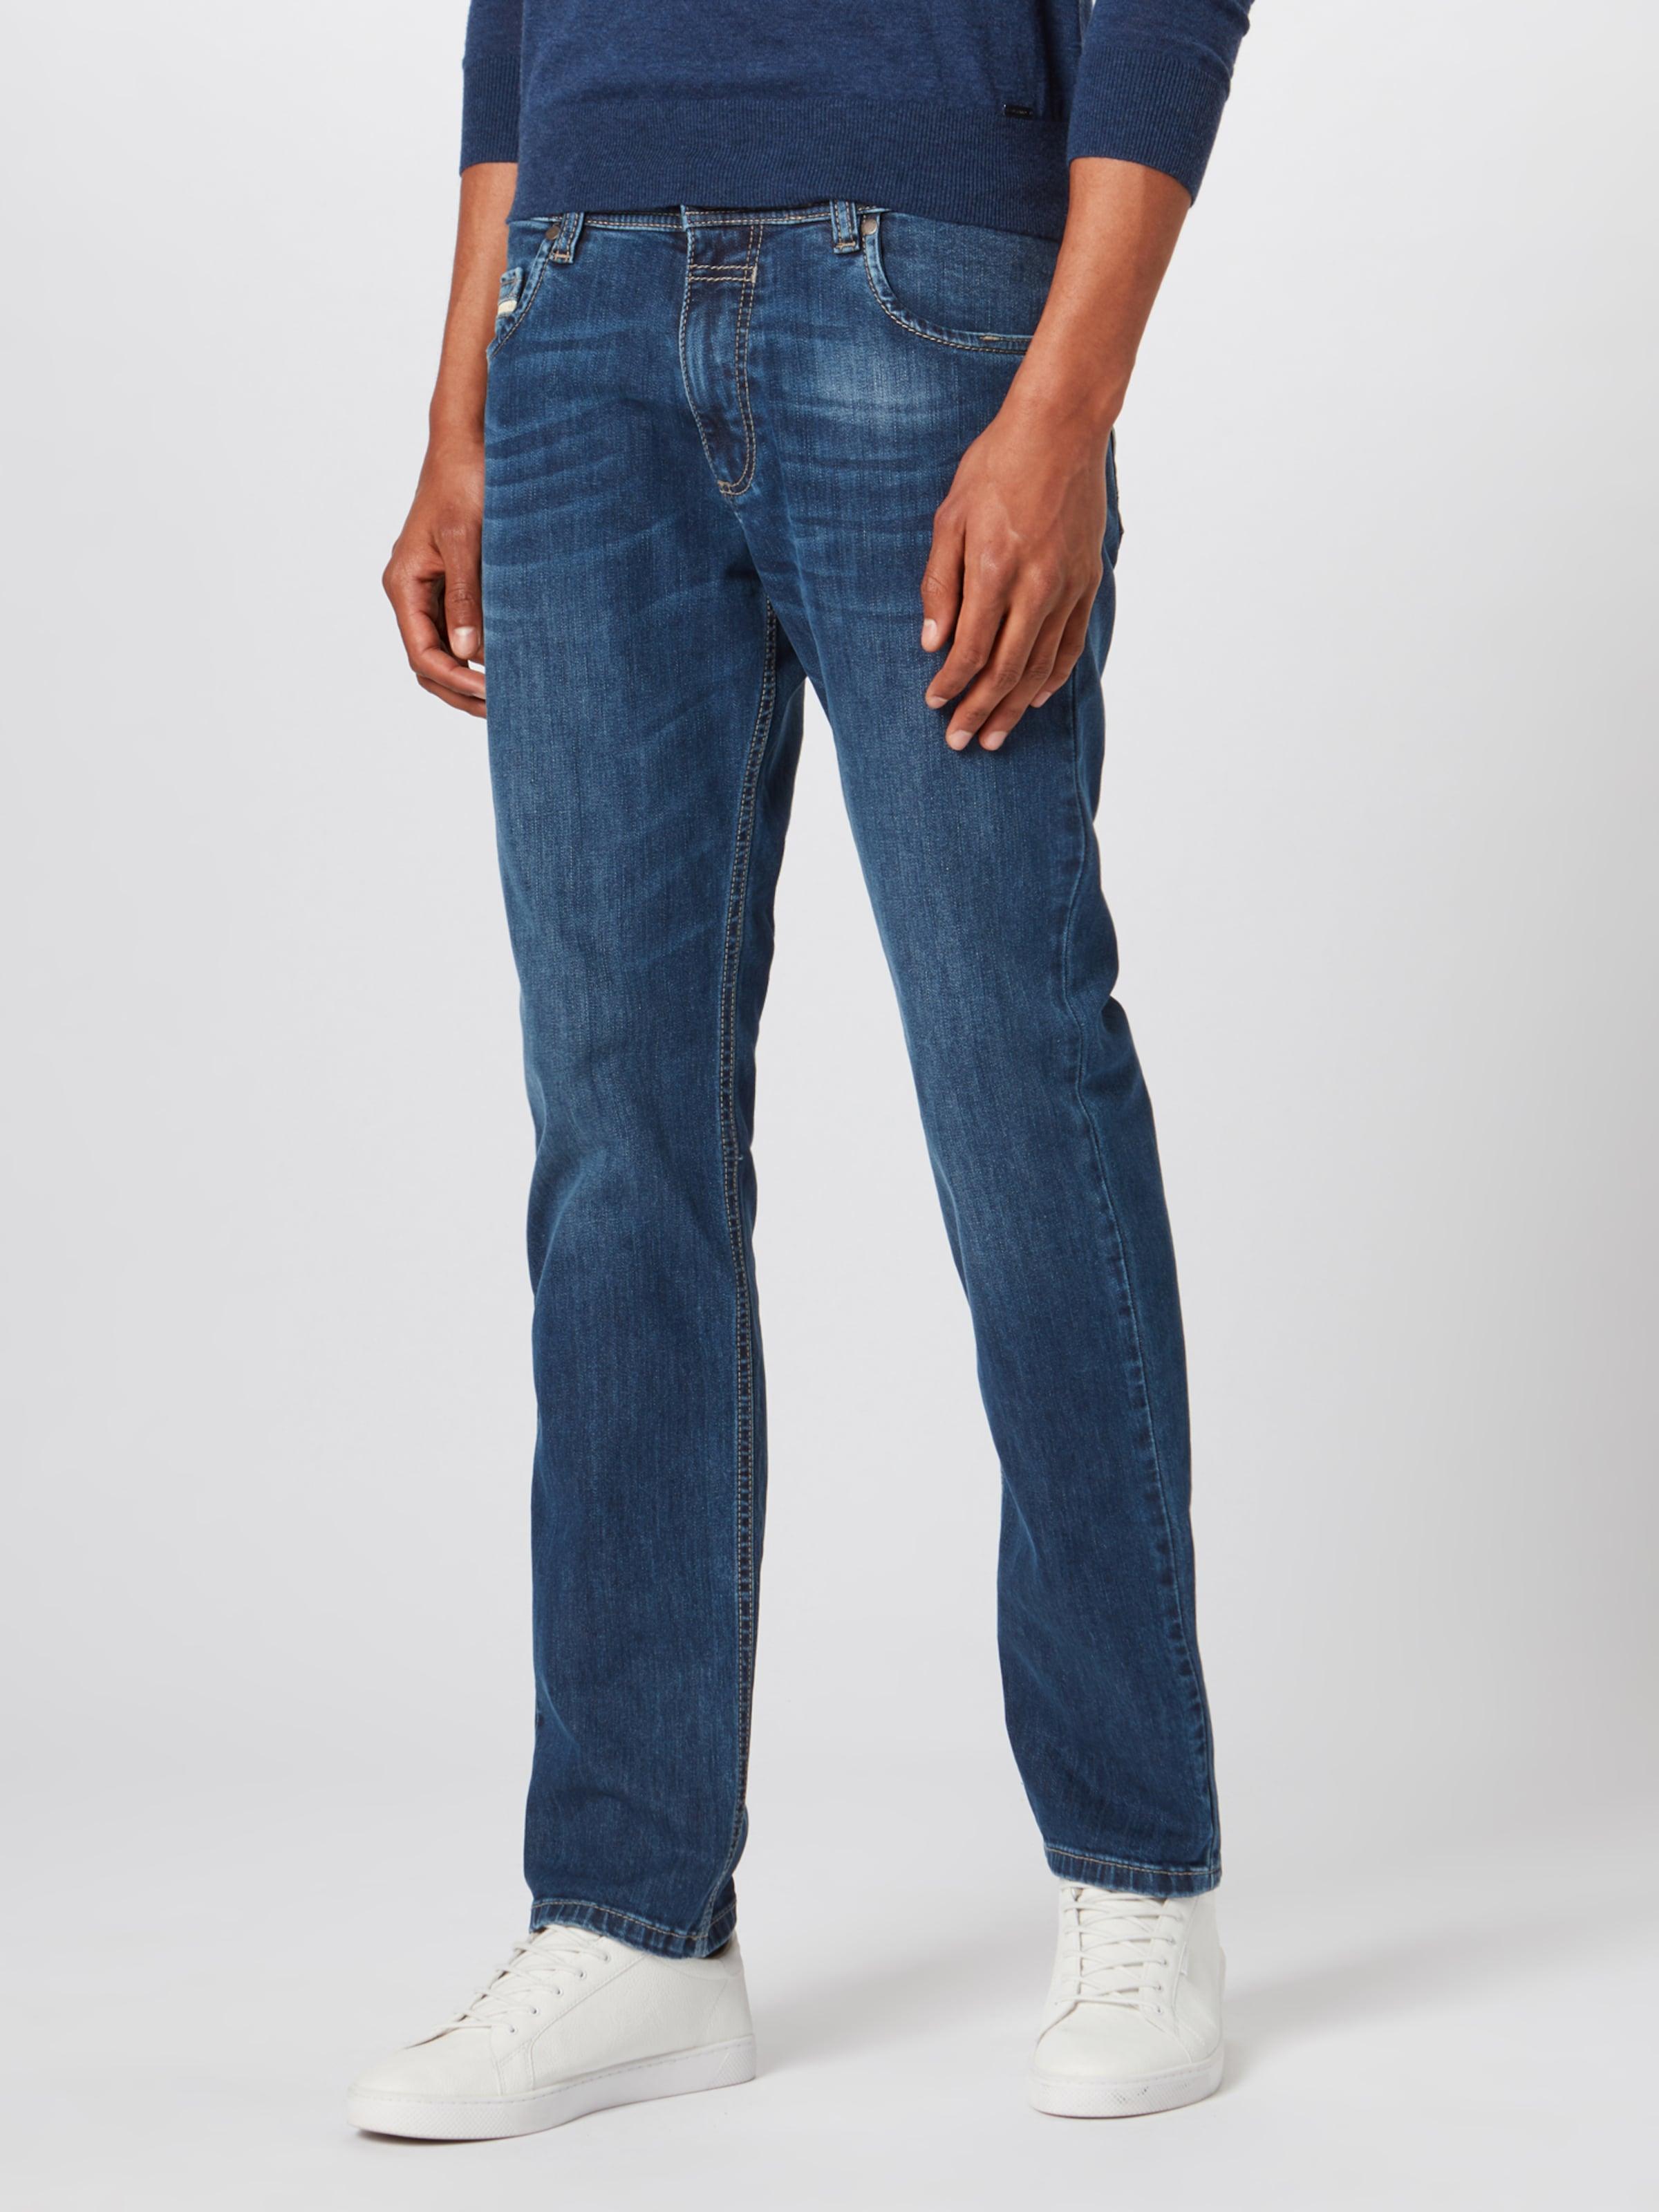 bugatti Jeans in blue denim Jeans BUG0455001000004